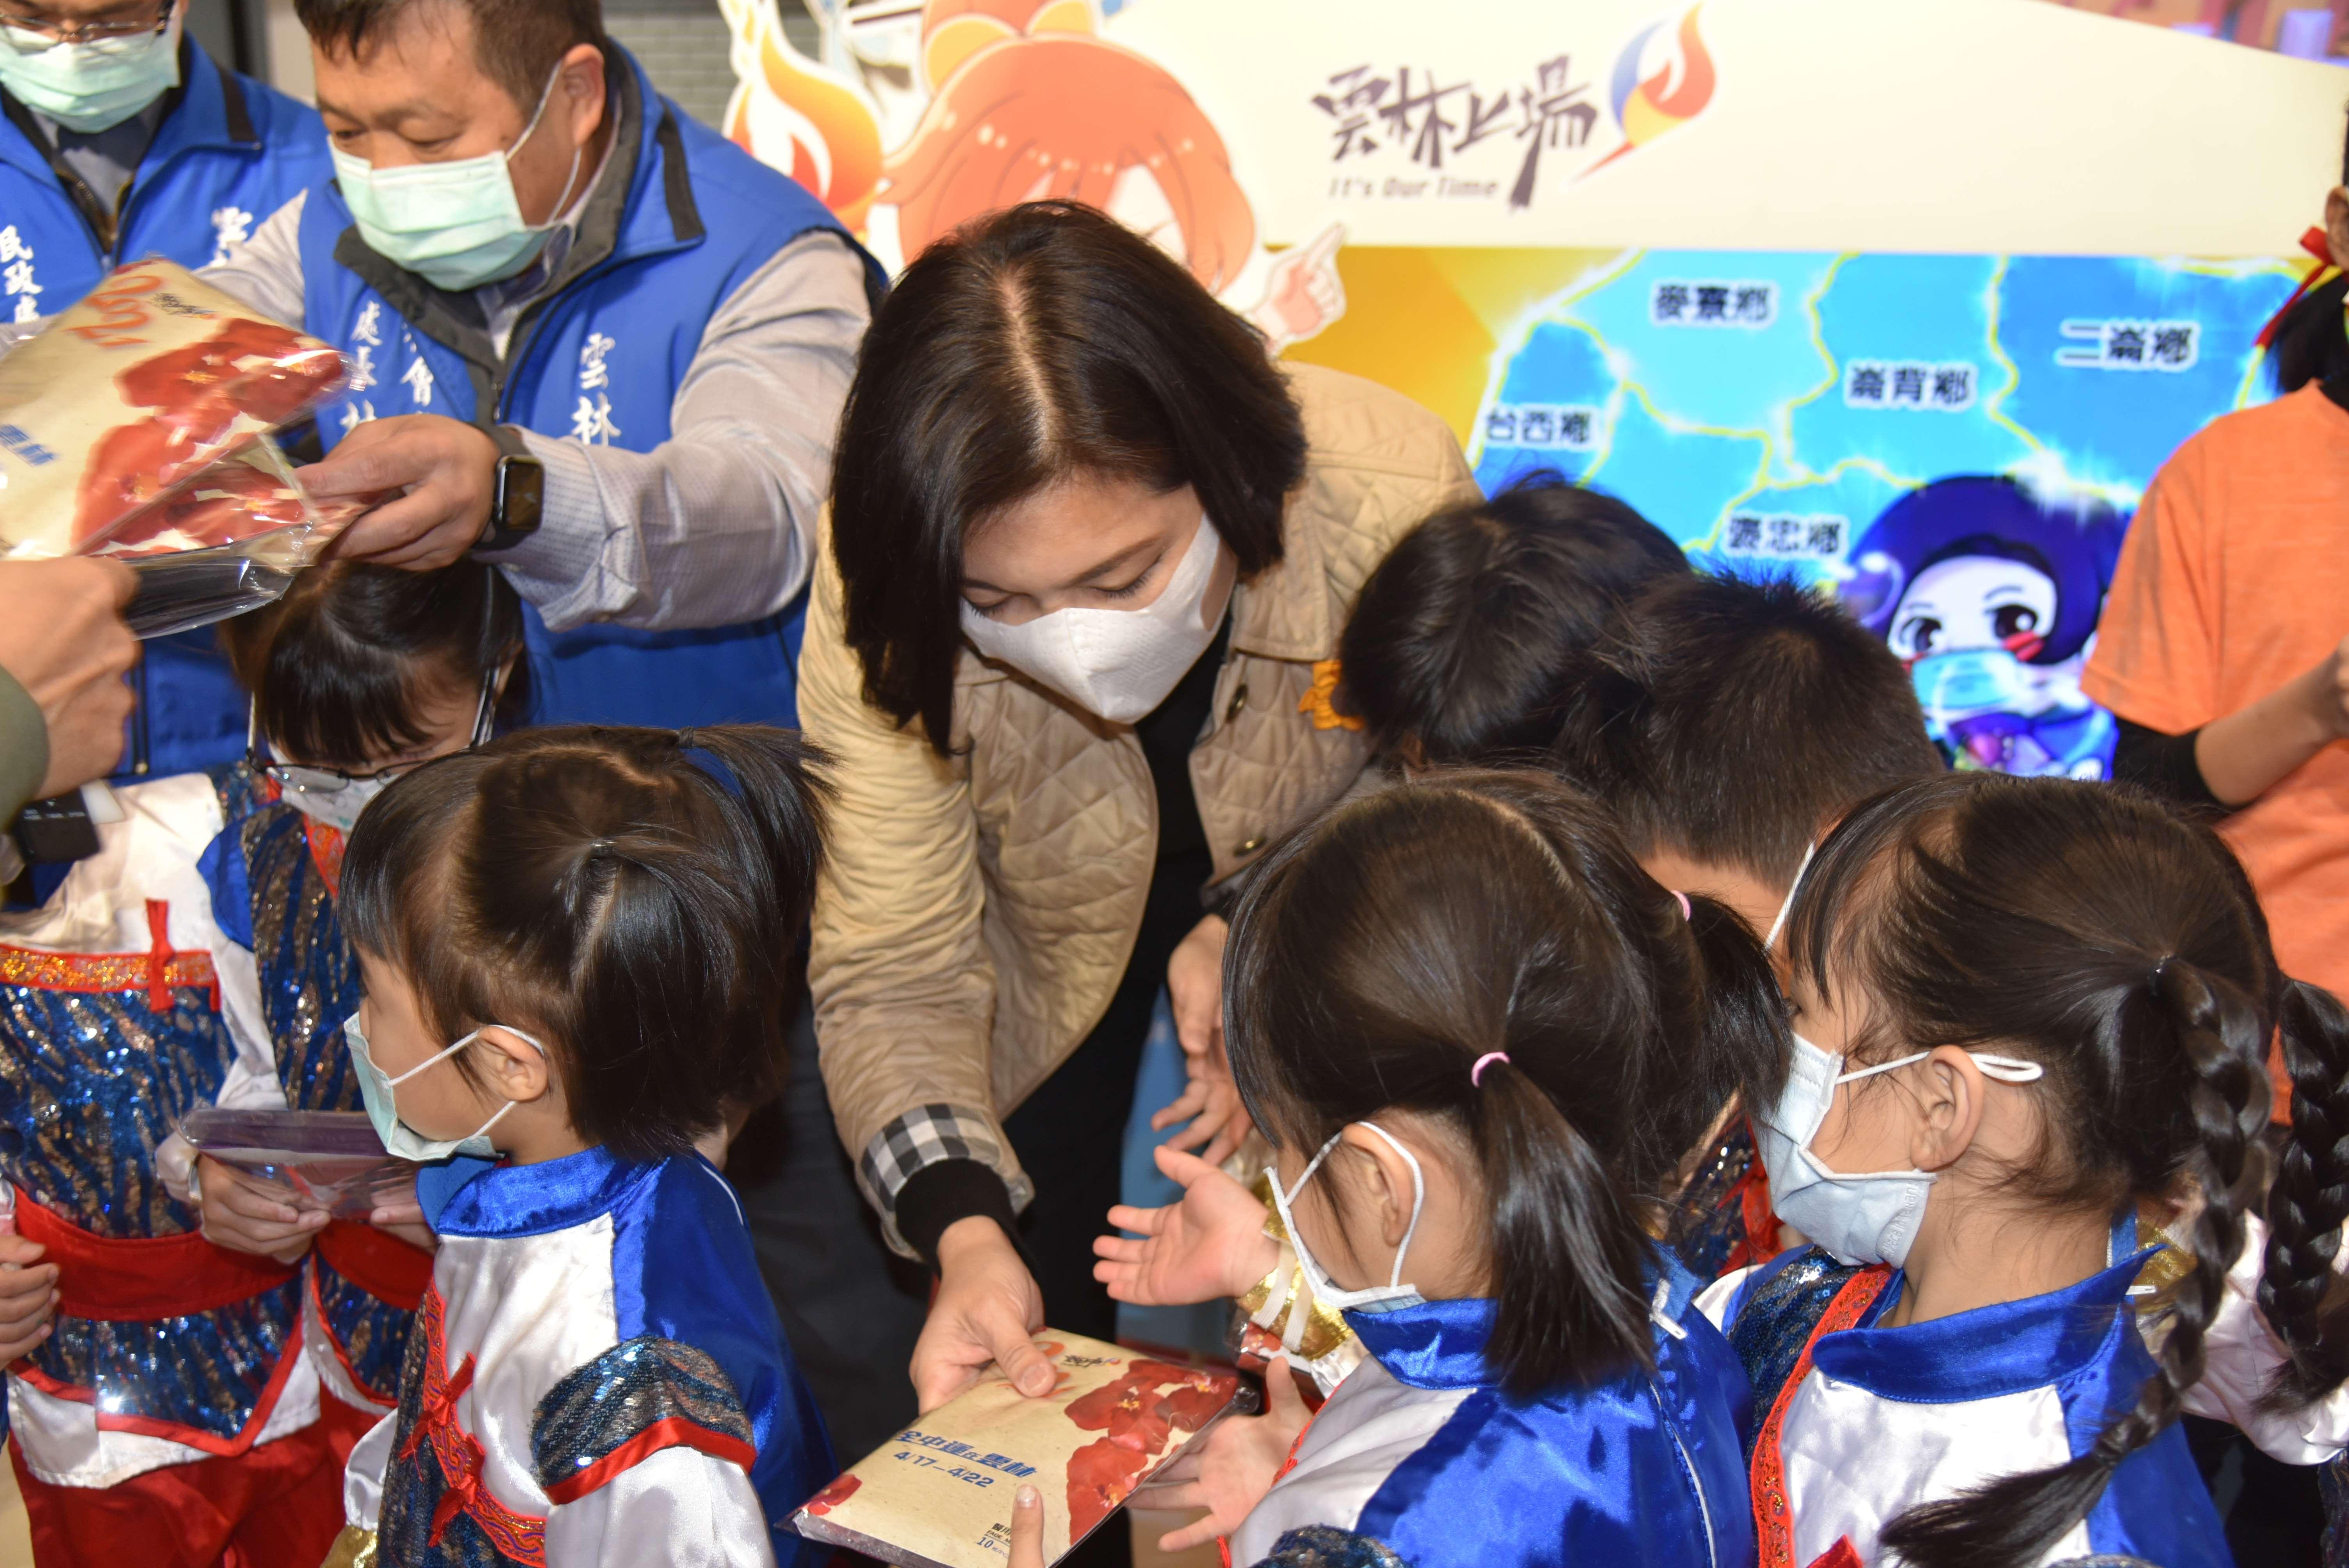 張縣長發送口罩給學童